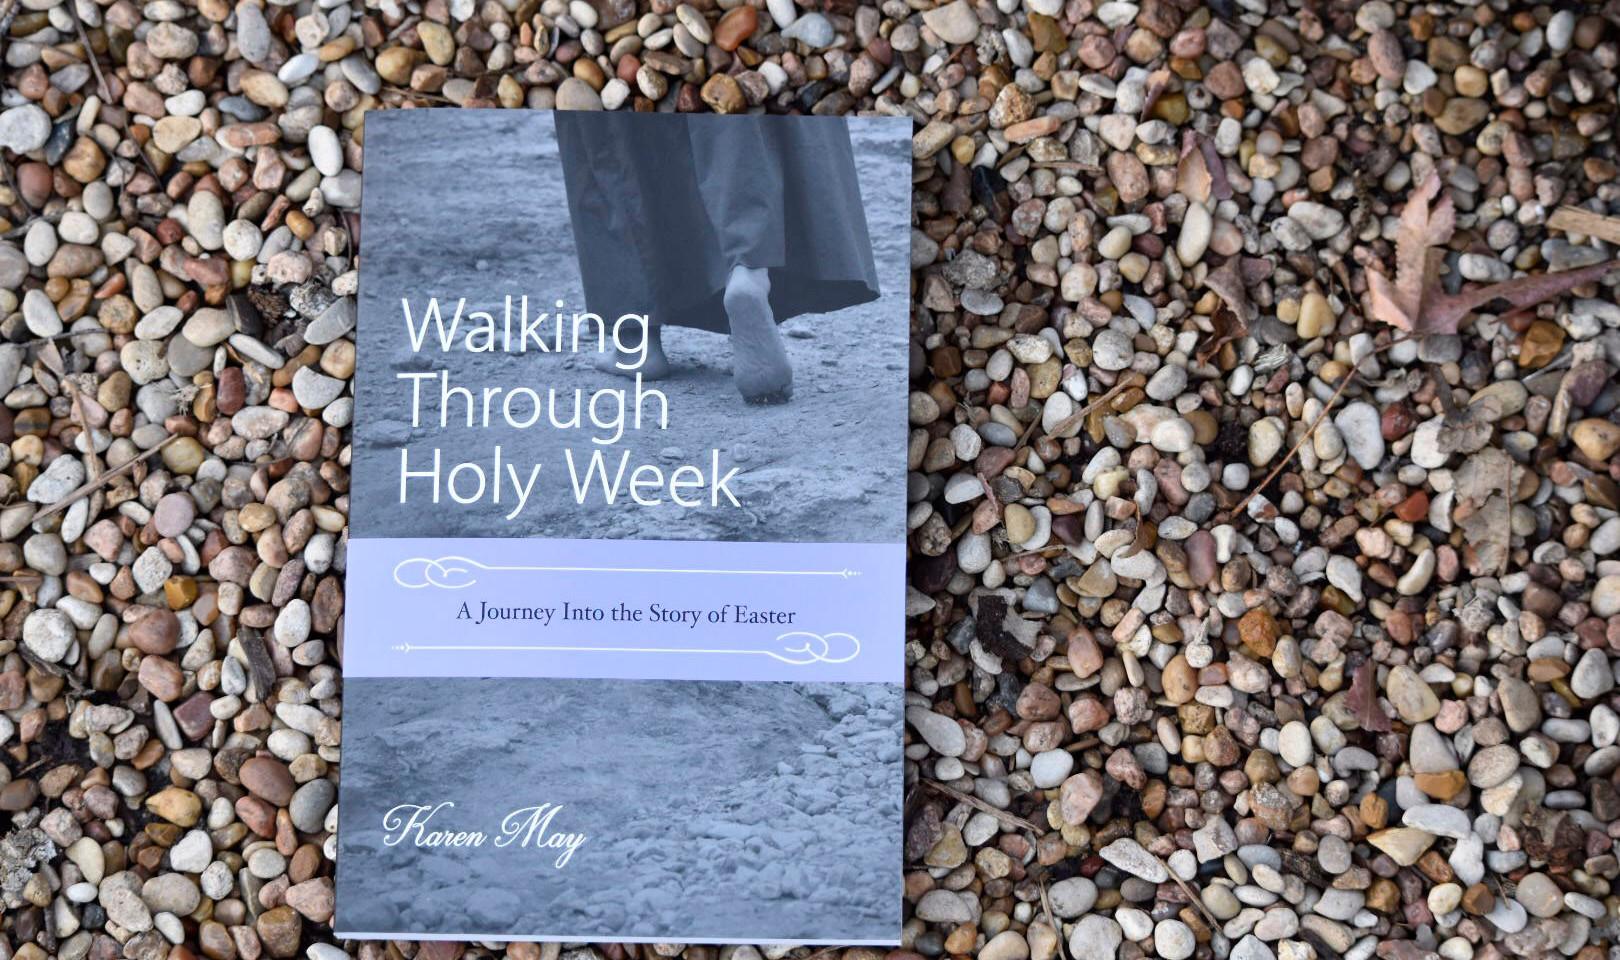 Walking Through Holy Week